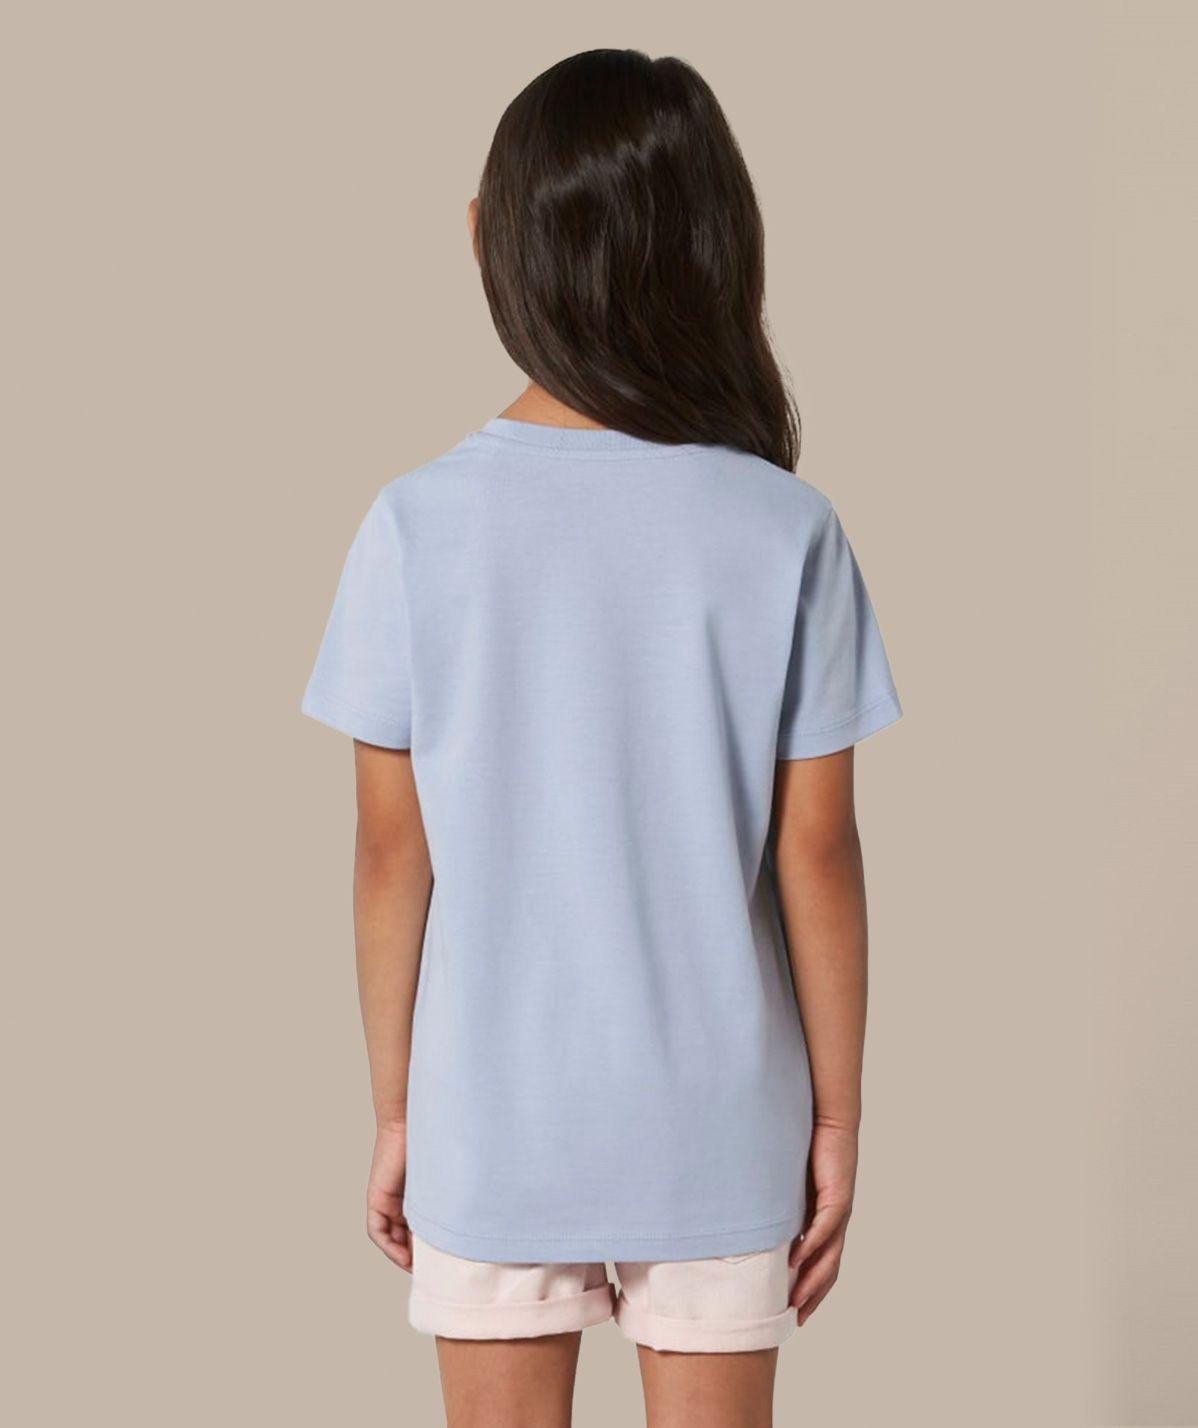 T-shirt Fille Fitness - Bleu